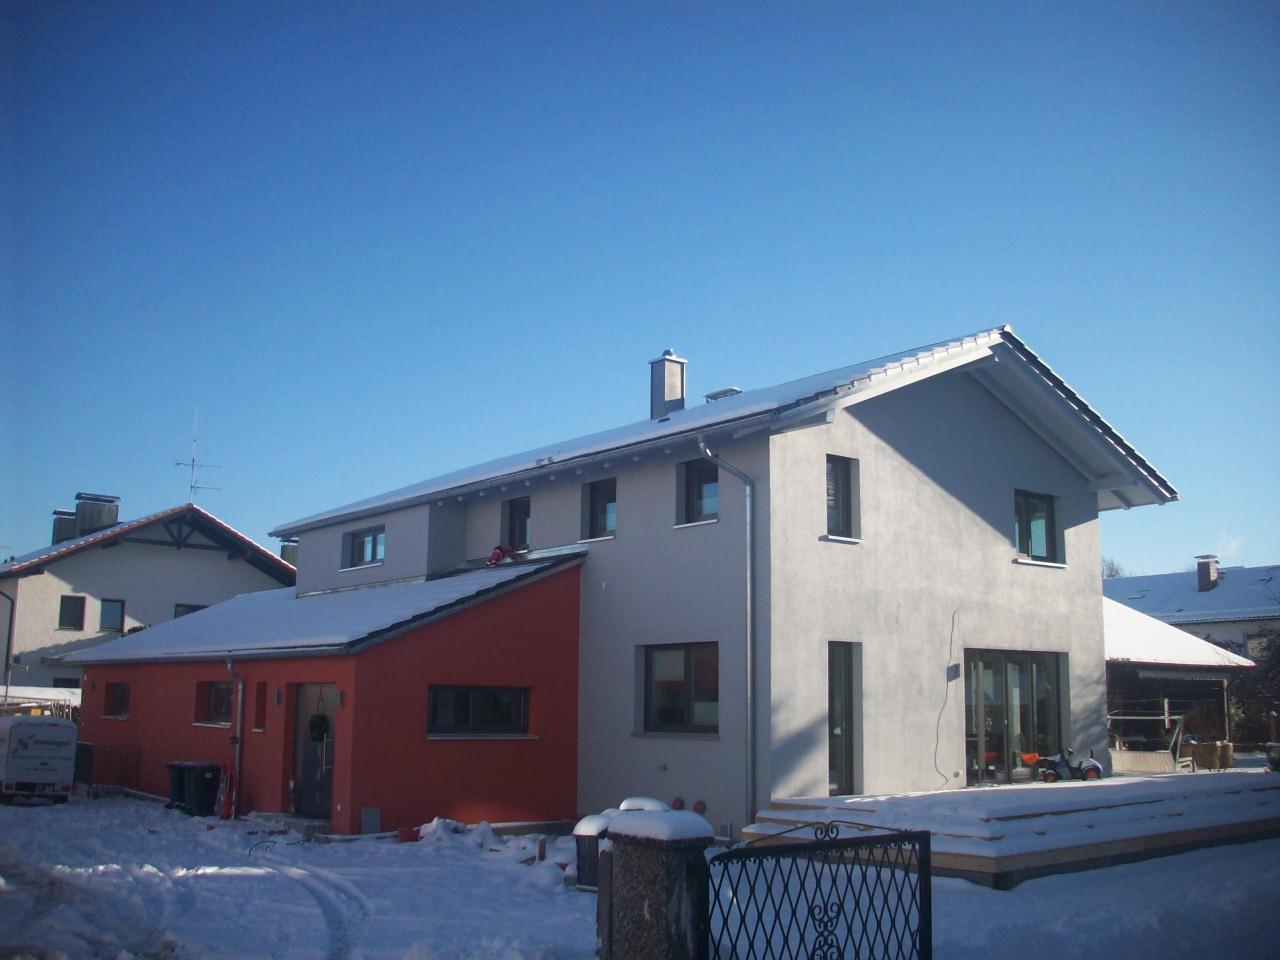 Neubau, Umbau und Sanierung in der Umgebung von München 98567